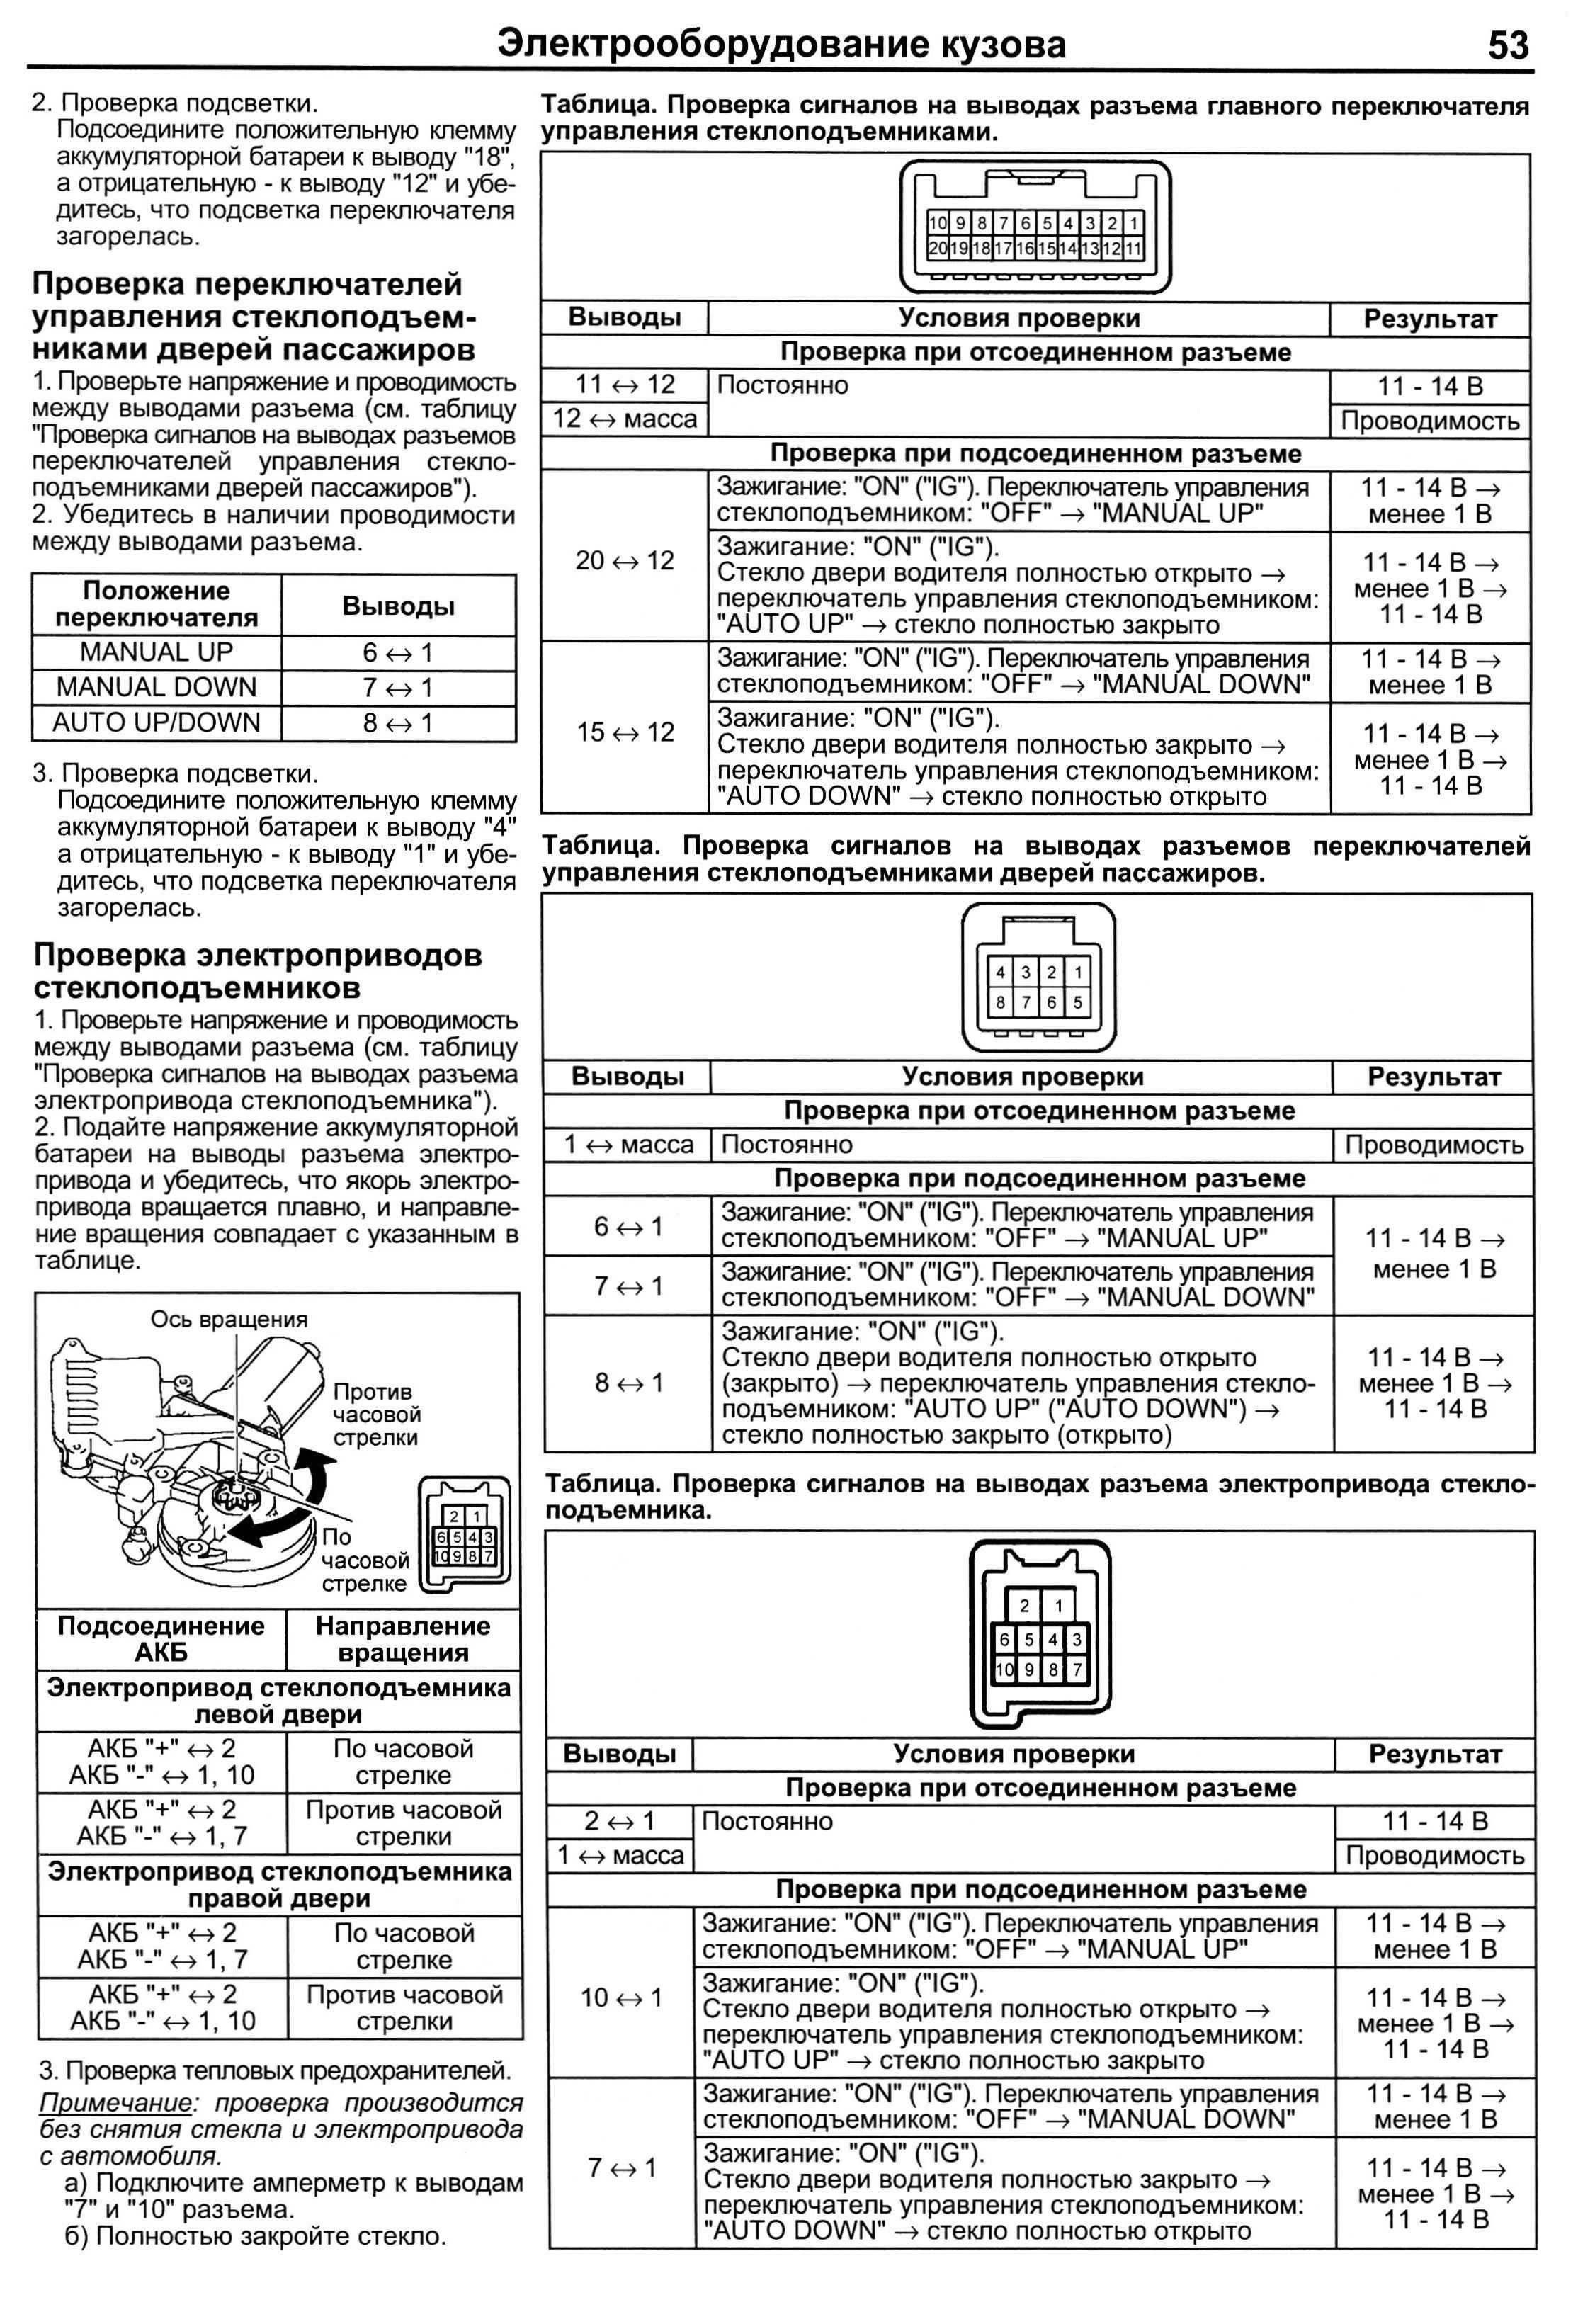 Toyota land cruiser 200, возможные проблемы по отзывам владельцев из опыта эксплуатации - autotopik.ru